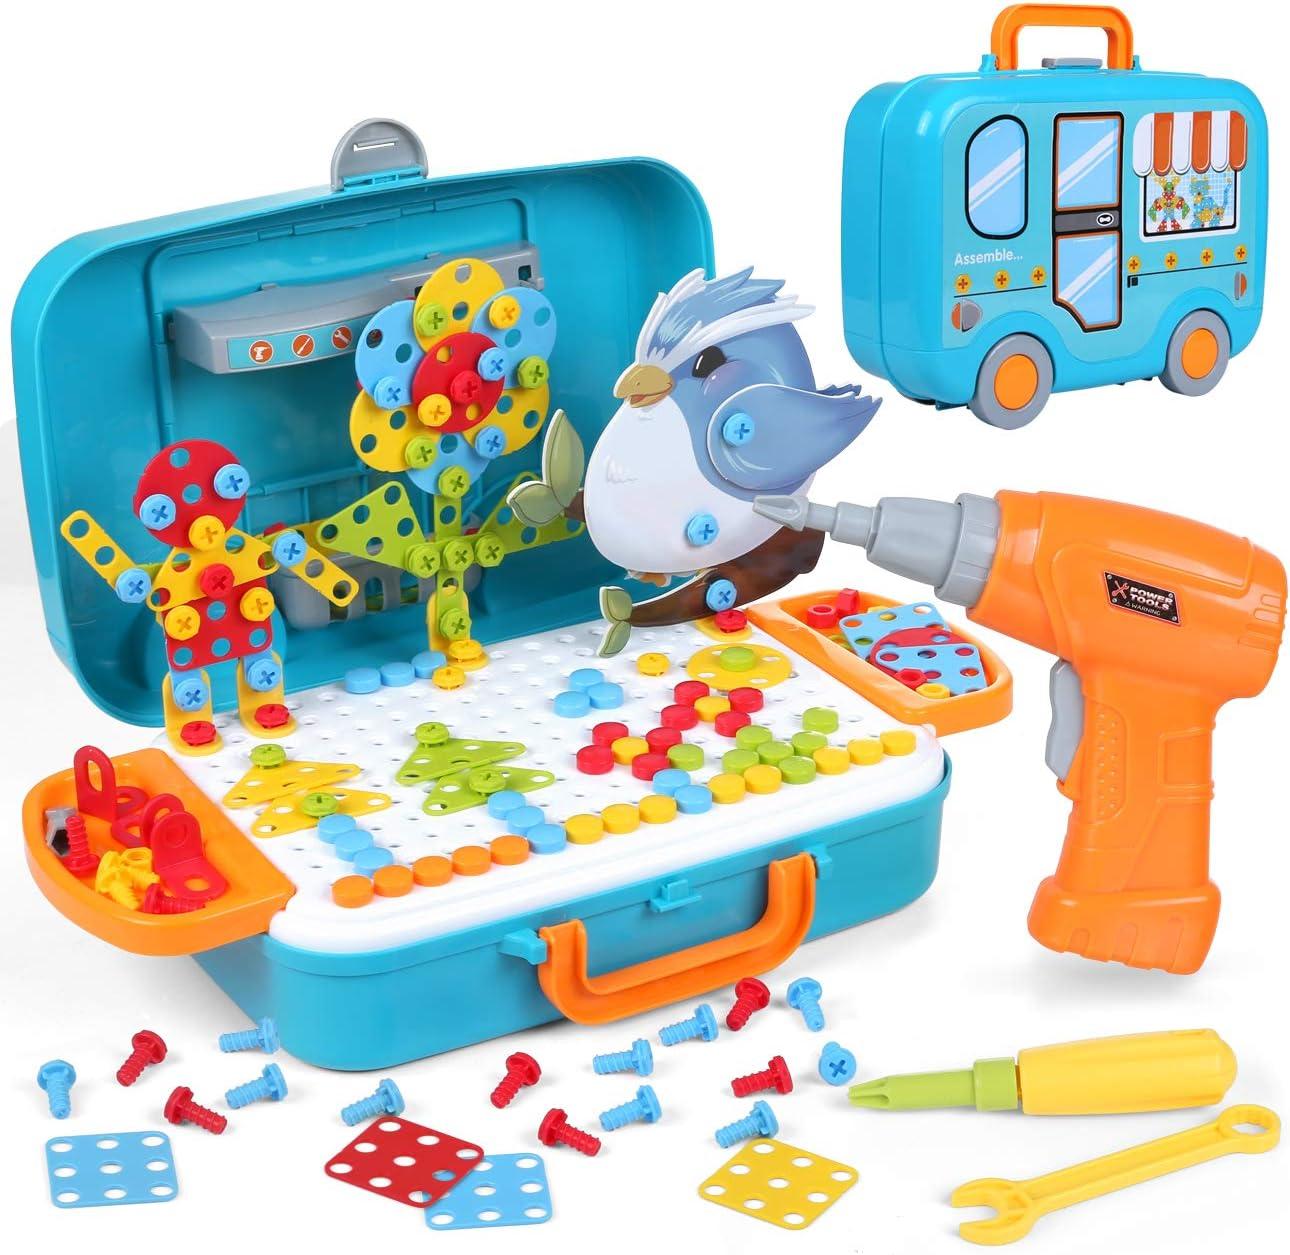 LIHAO 400 Piezas Juguetes Construcción Puzzles 3D Mosaicos para Niños - Juguetes Montessori Rompecabezas Infantil de Tornillos, Pack de Juguetes con Taladro Eléctrico Caja con Ruedas Portátil